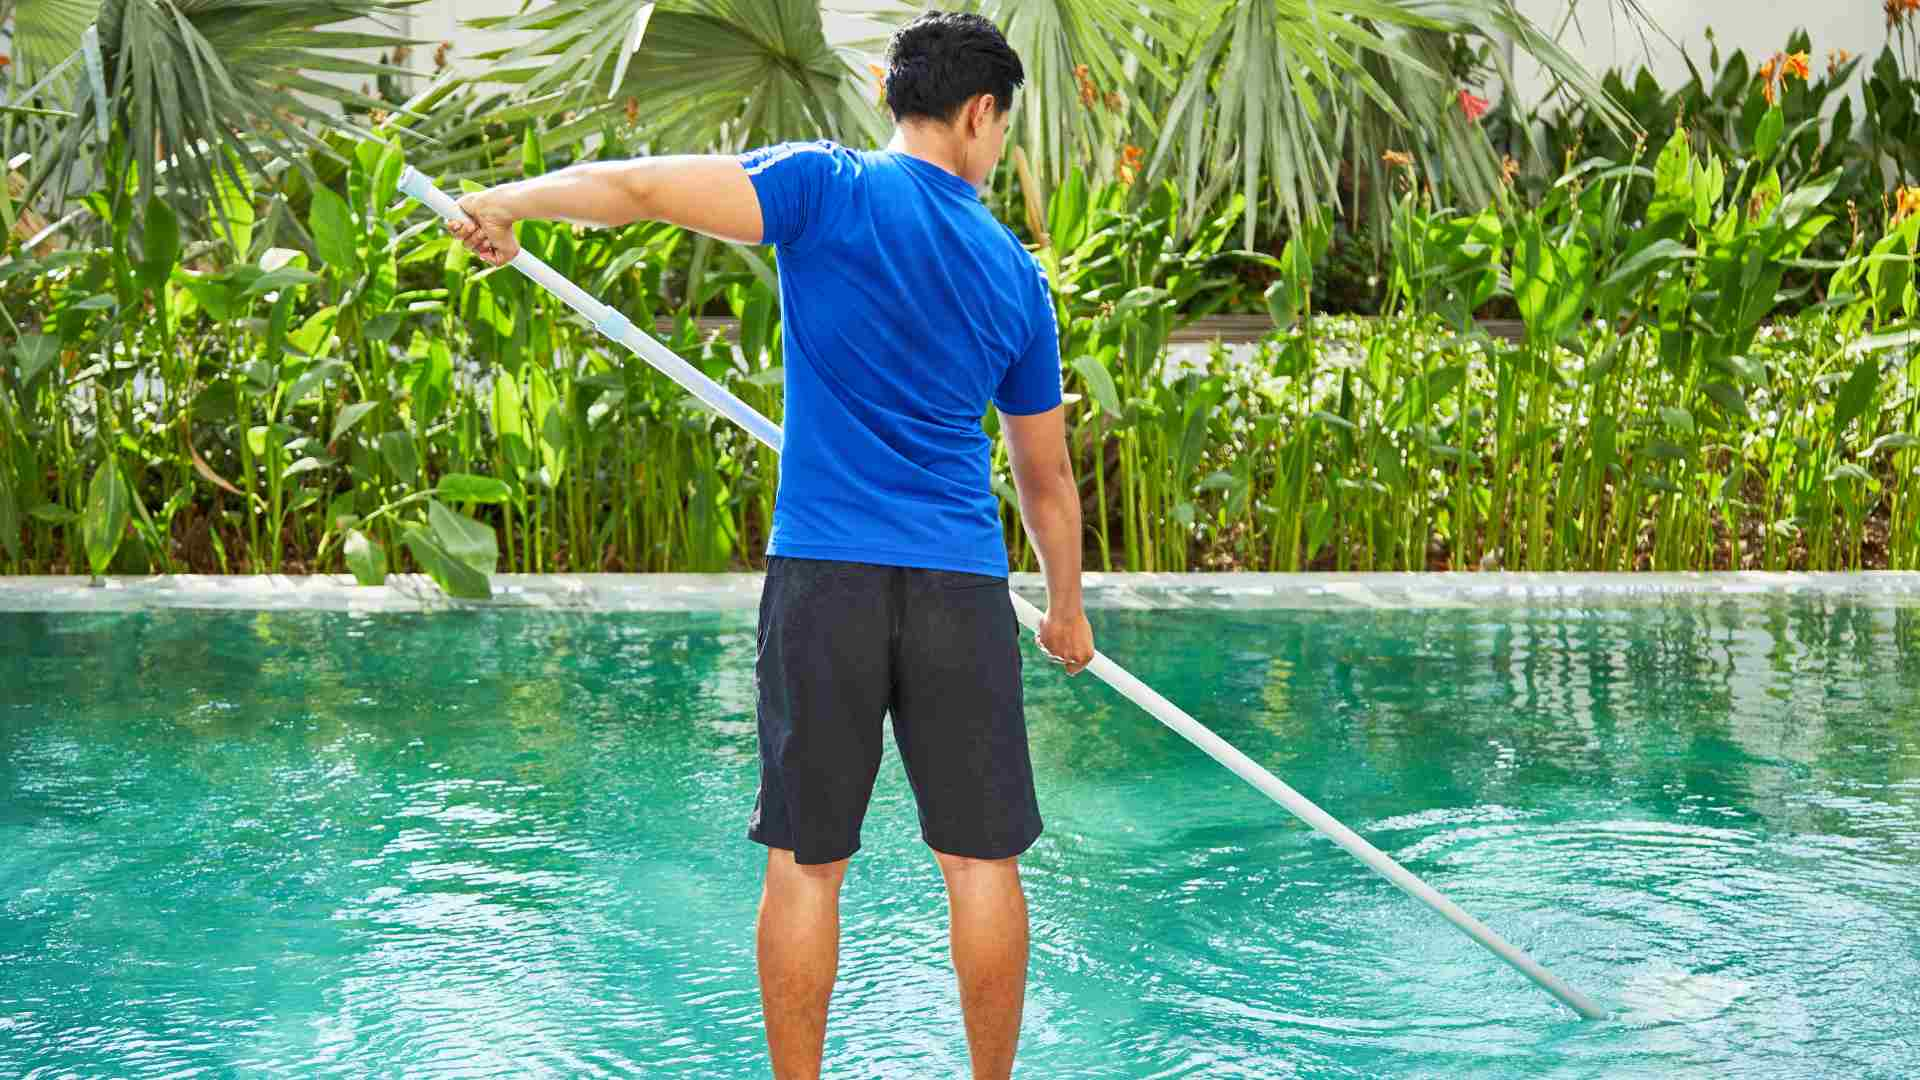 ¿Dudas con el mantenimiento de tu piscina? Os damos algunos consejos